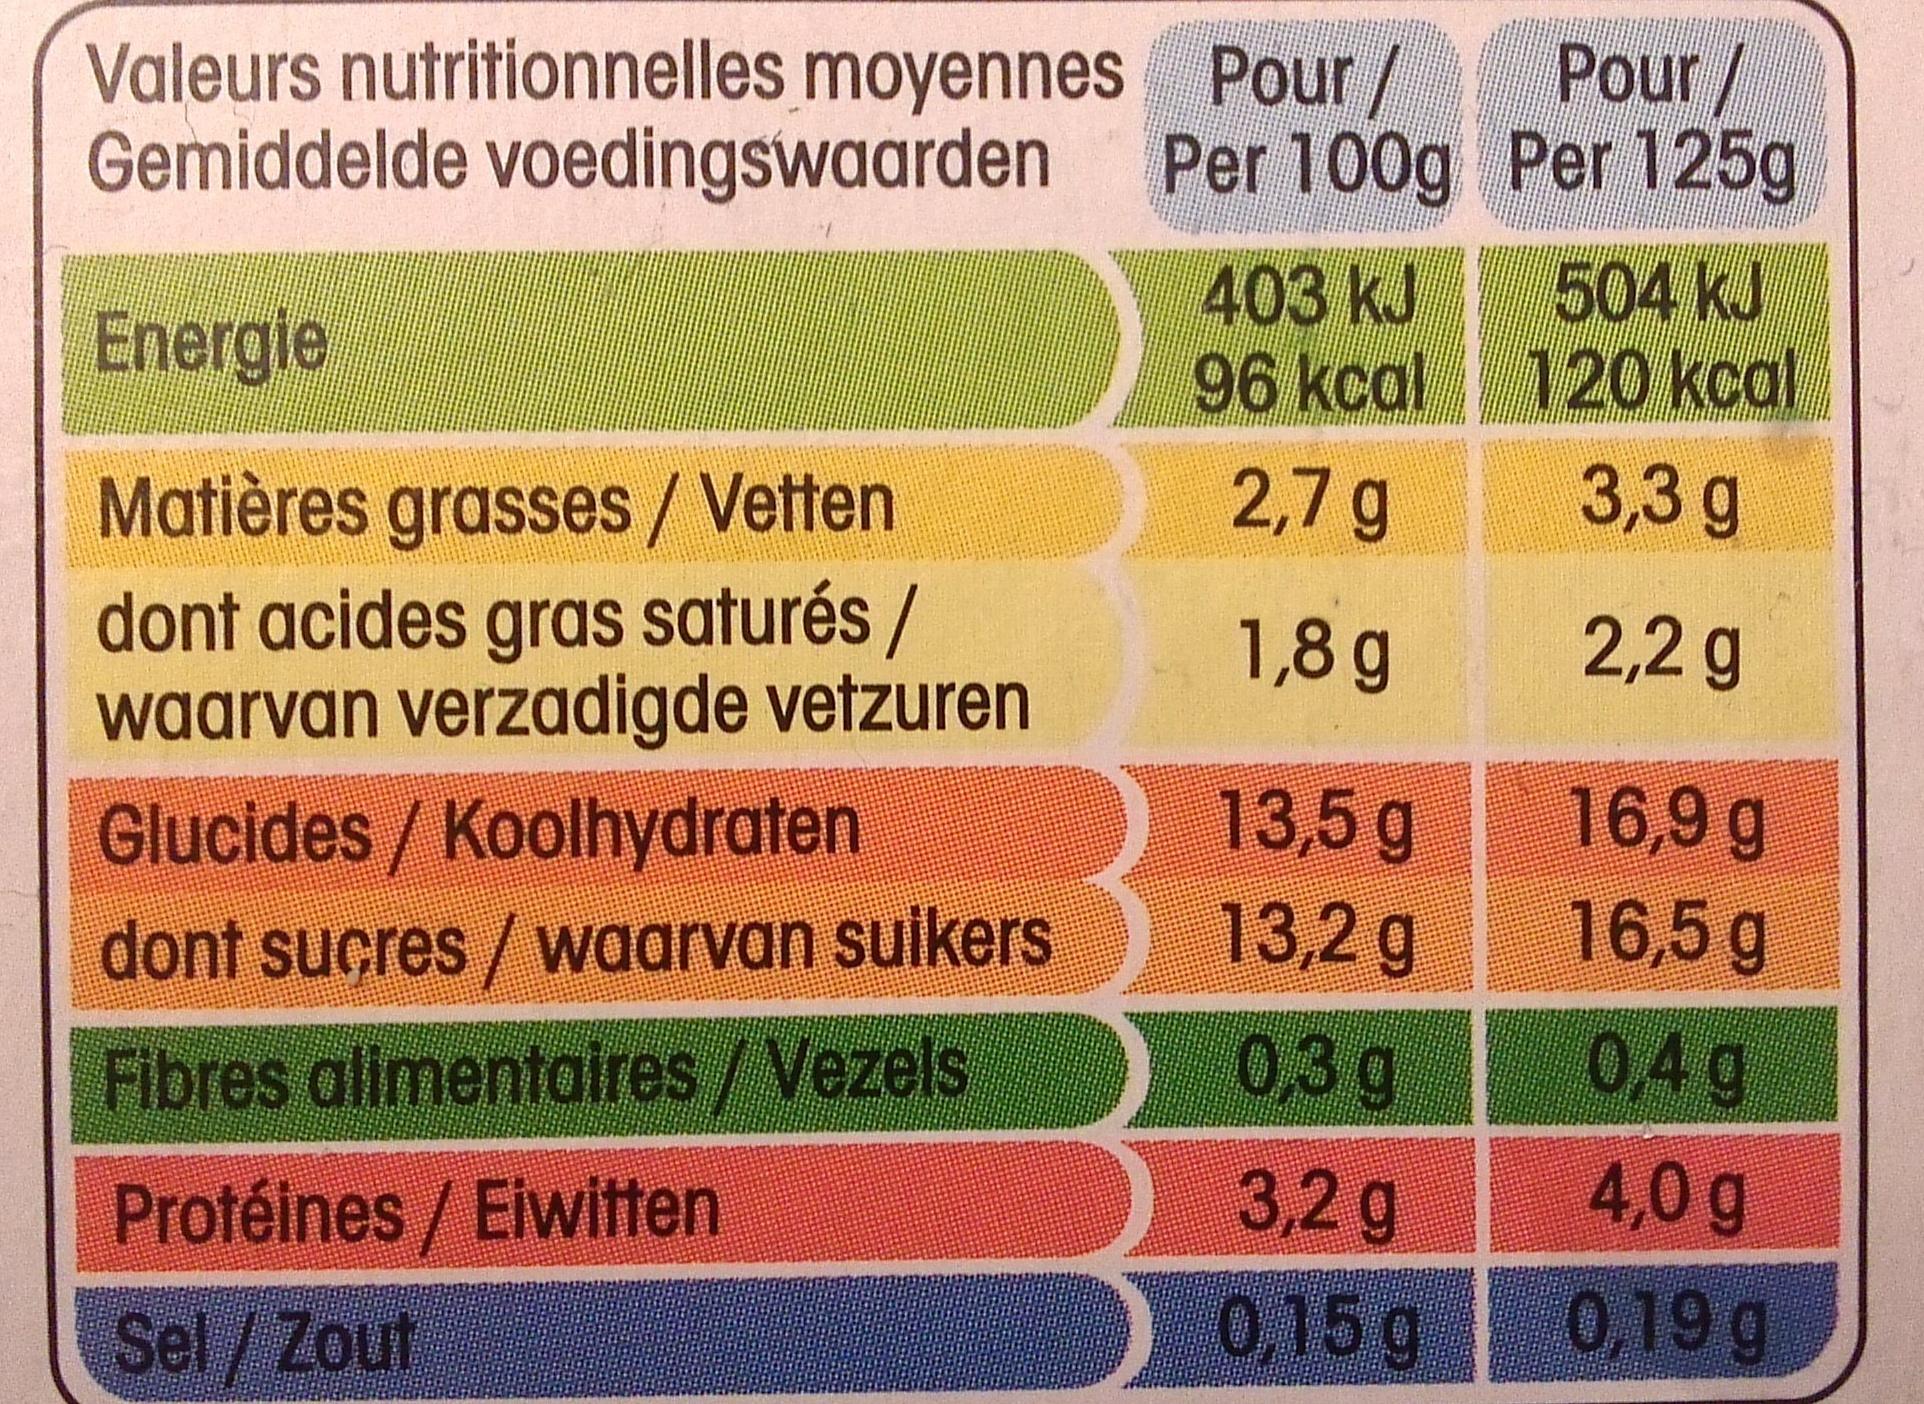 Panier de Yoplait Cerise, Fraise, Framboise, Mûre - Informations nutritionnelles